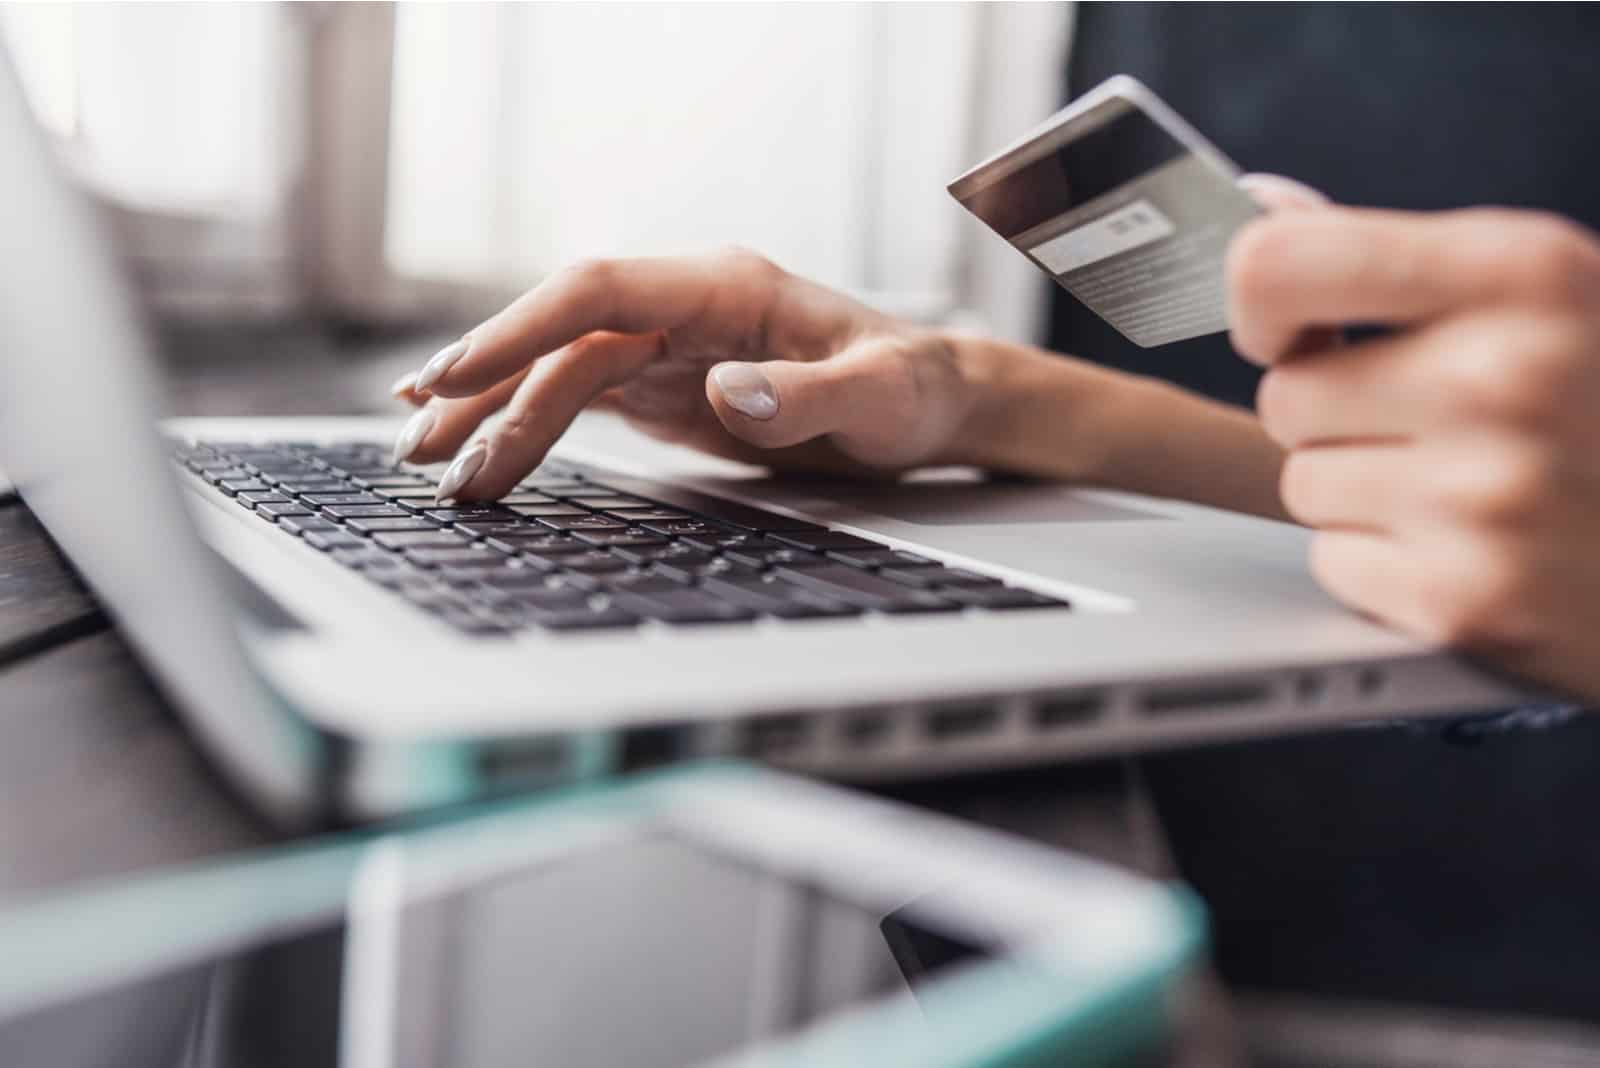 Eine Frau kauft online per Laptop